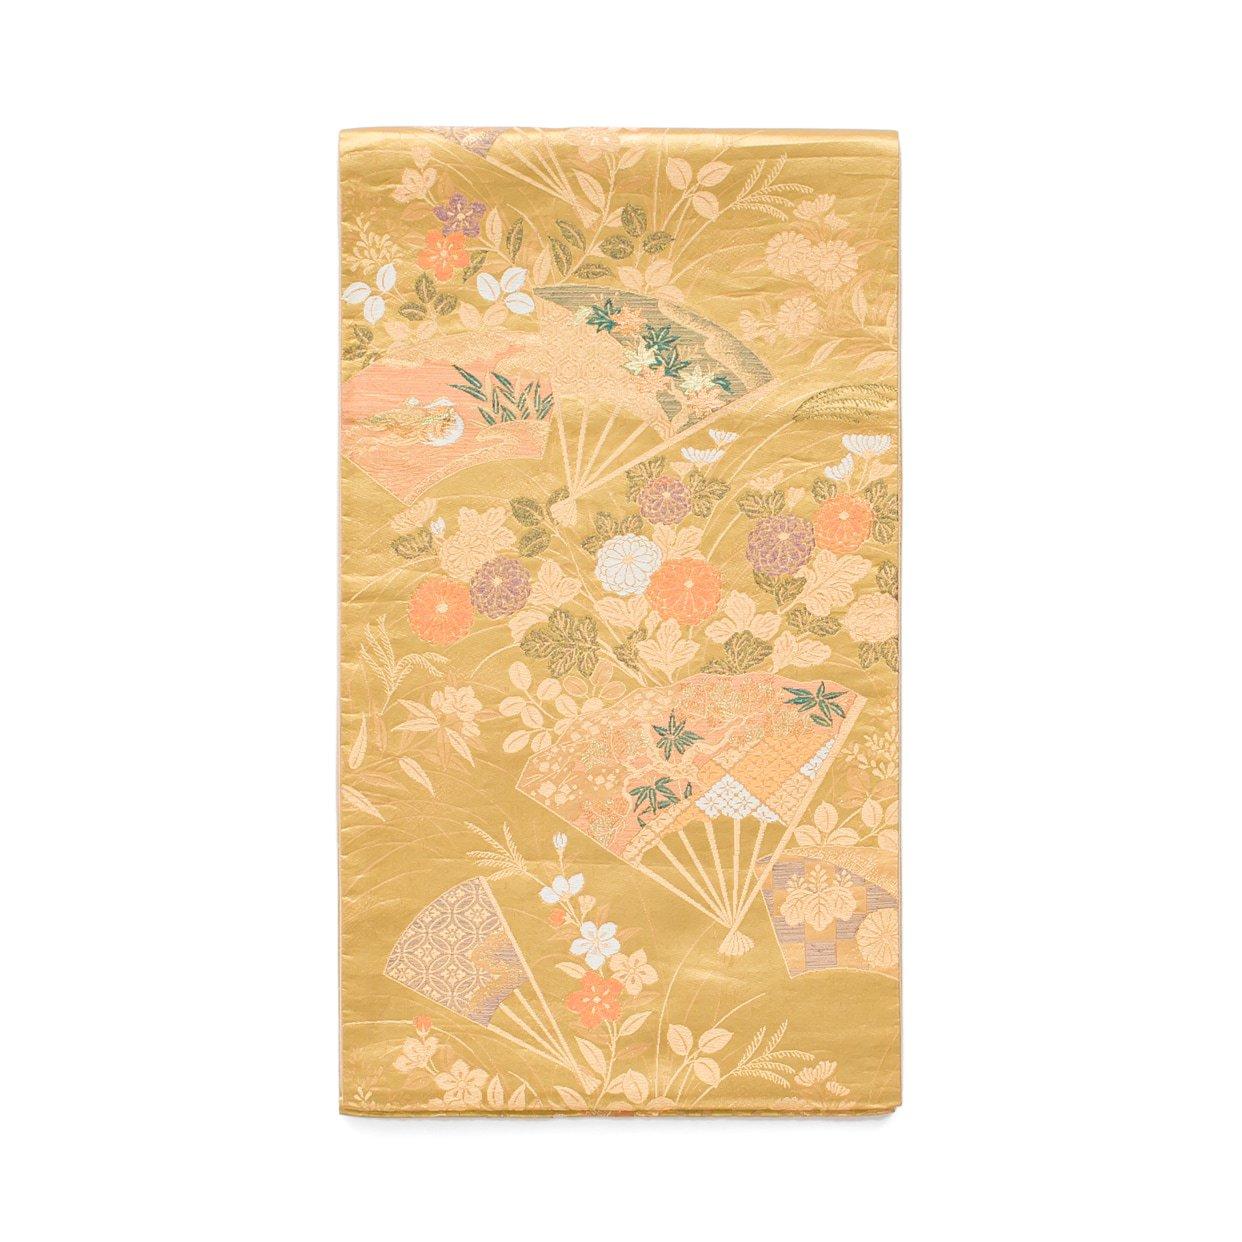 「袋帯●扇に秋草や水鳥」の商品画像